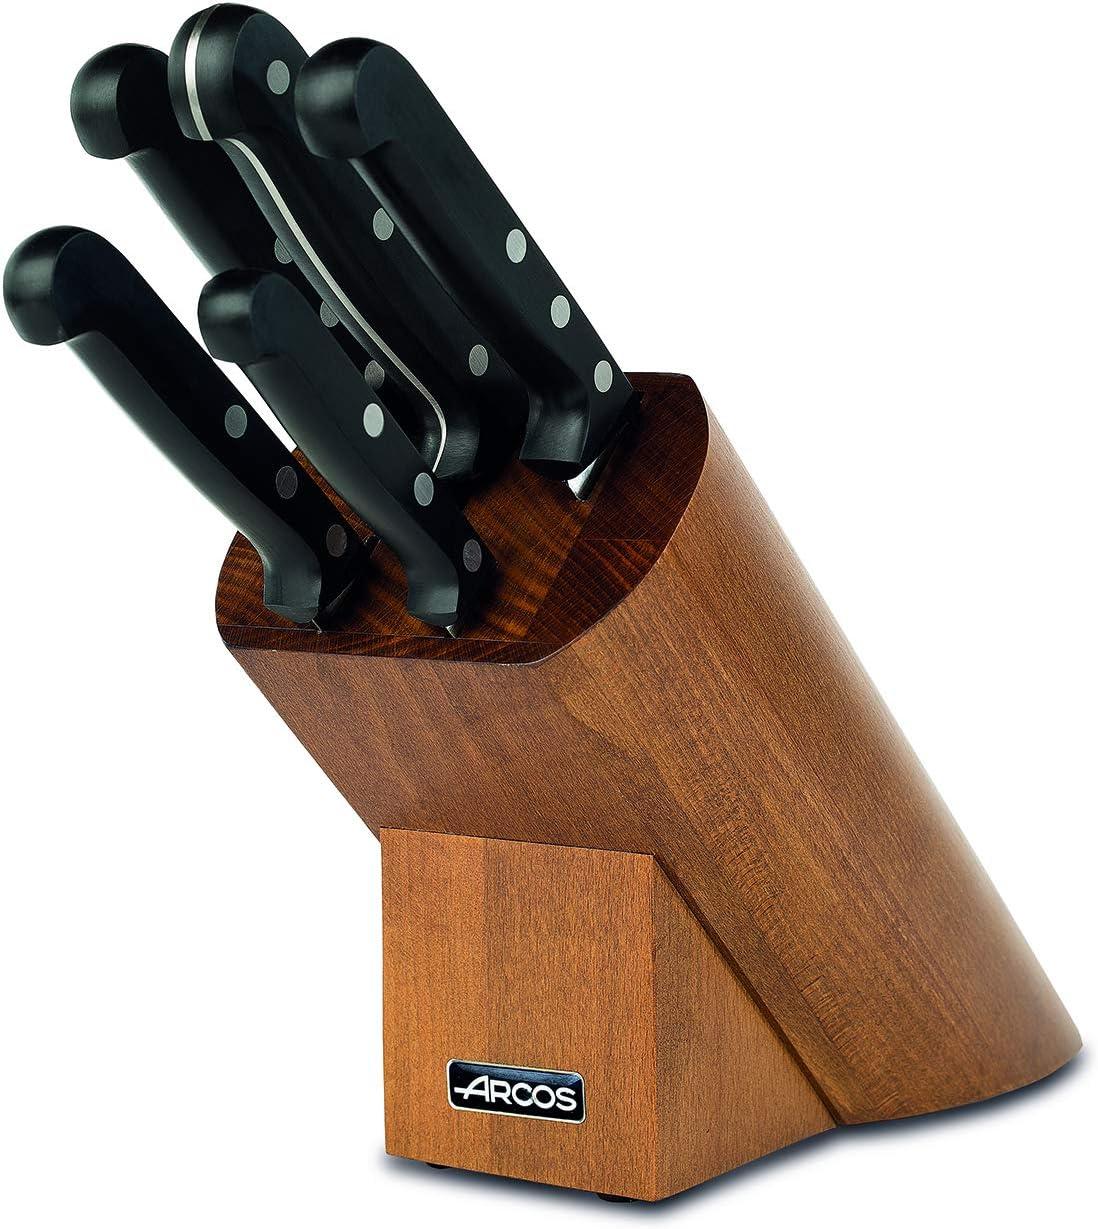 Compra Arcos Universal - Taco de 5 cuchillos (5pzs) en Amazon.es